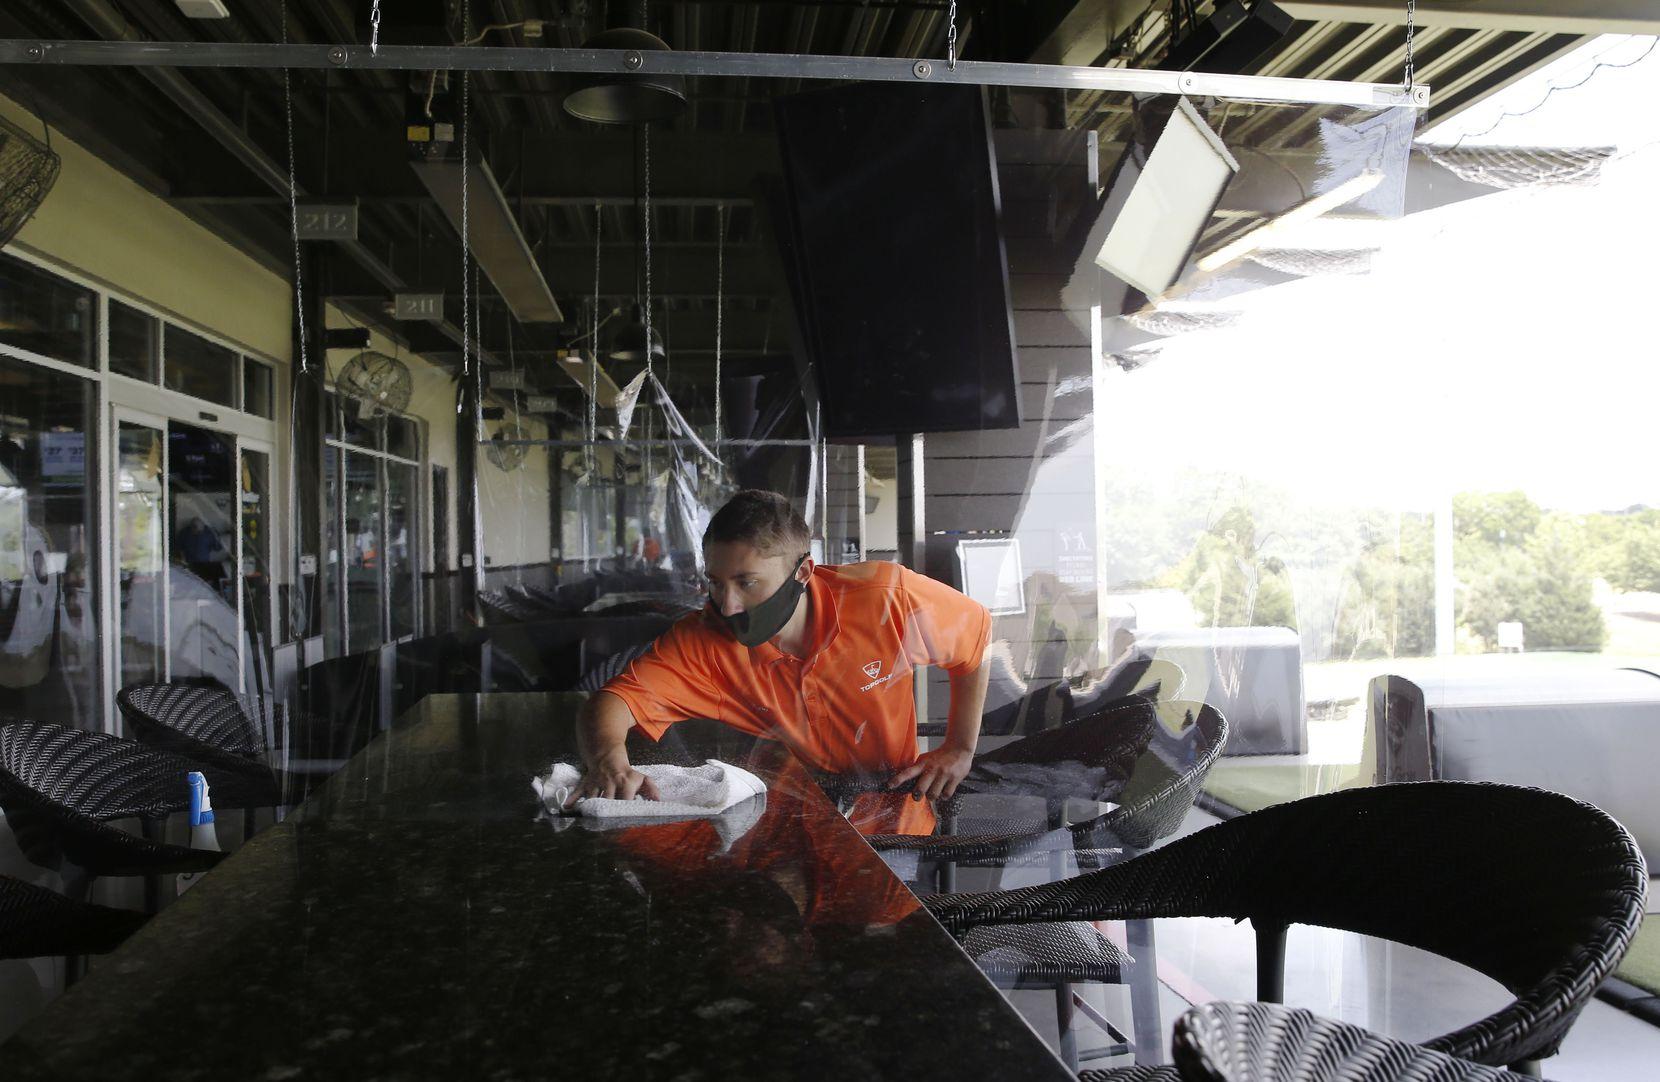 De l'autre côté d'une doublure en plastique récemment installée, Kyle Harris nettoie les tables et les sièges de Topgolf dans The Colony, le vendredi 22 mai 2020.